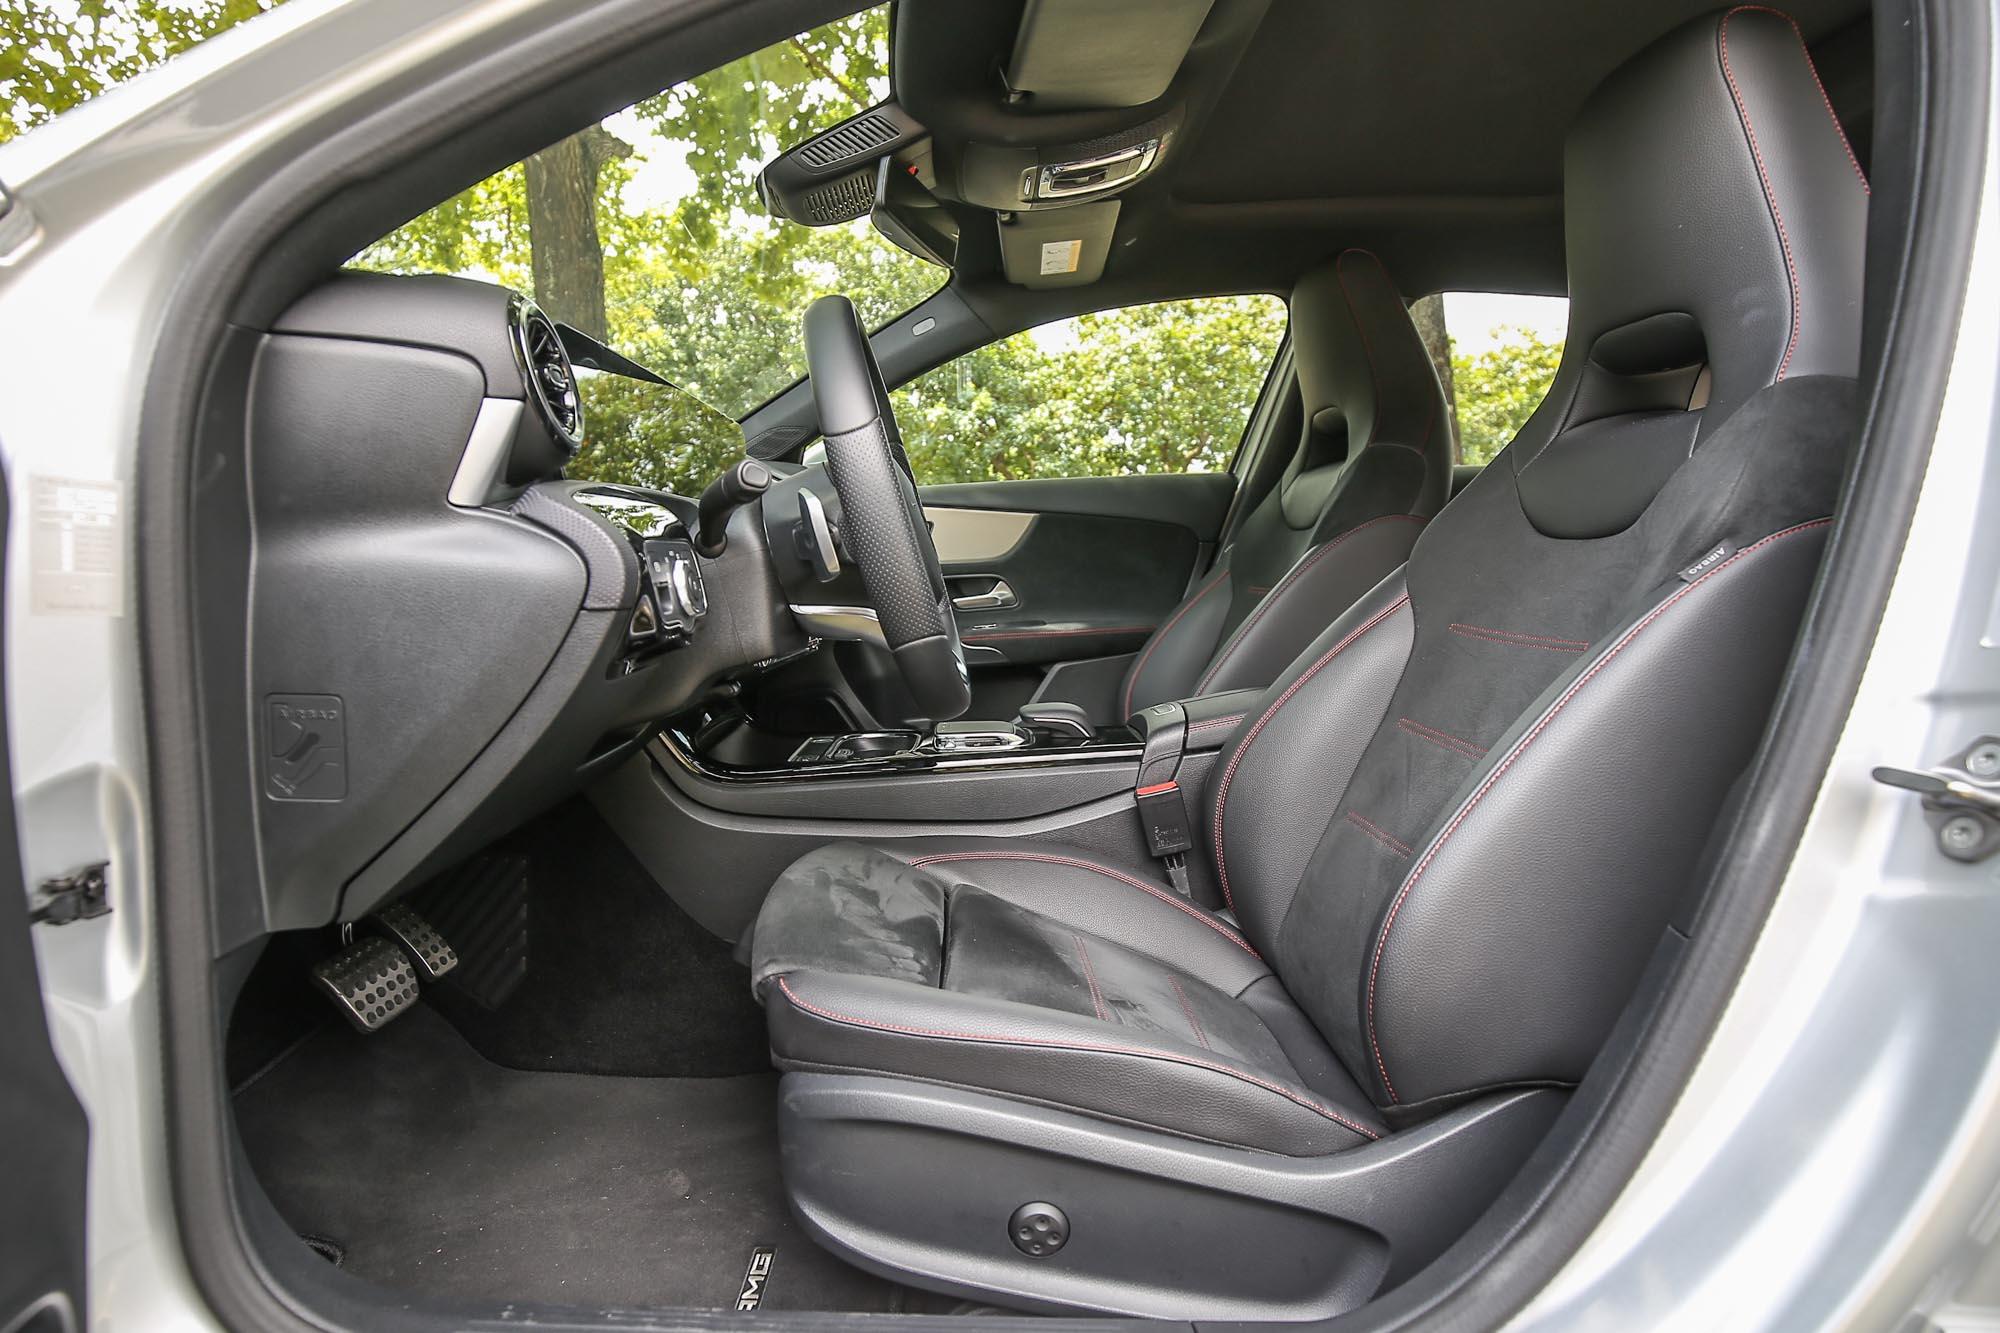 從 A 200 以上車型就配備一體式的跑車座椅,營造更熱血的駕馭感。